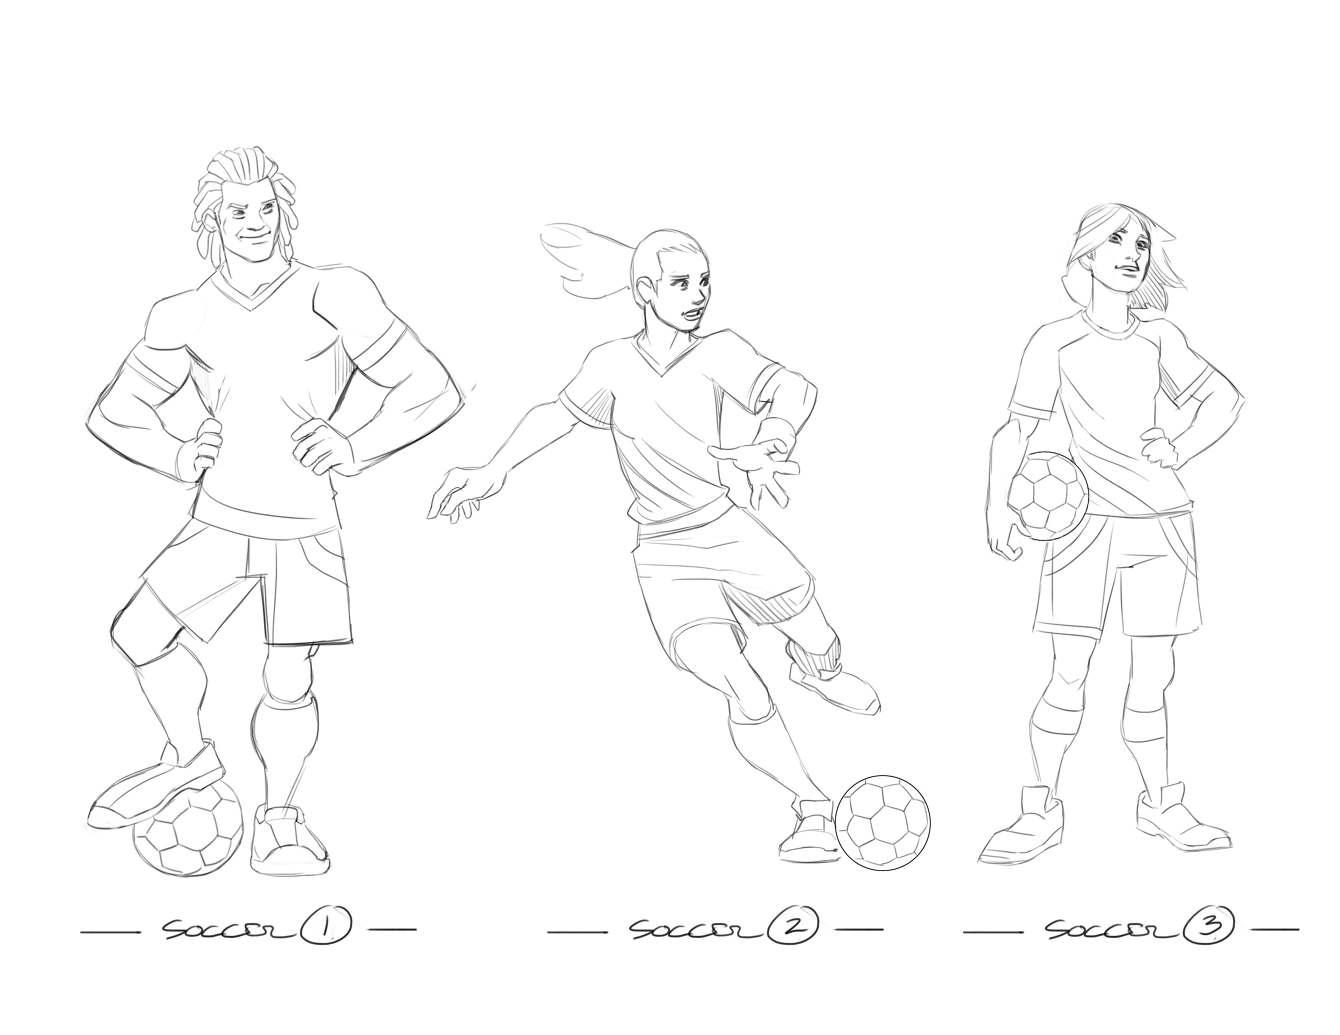 sports-character-design-Soccer-01_1340_c.jpg